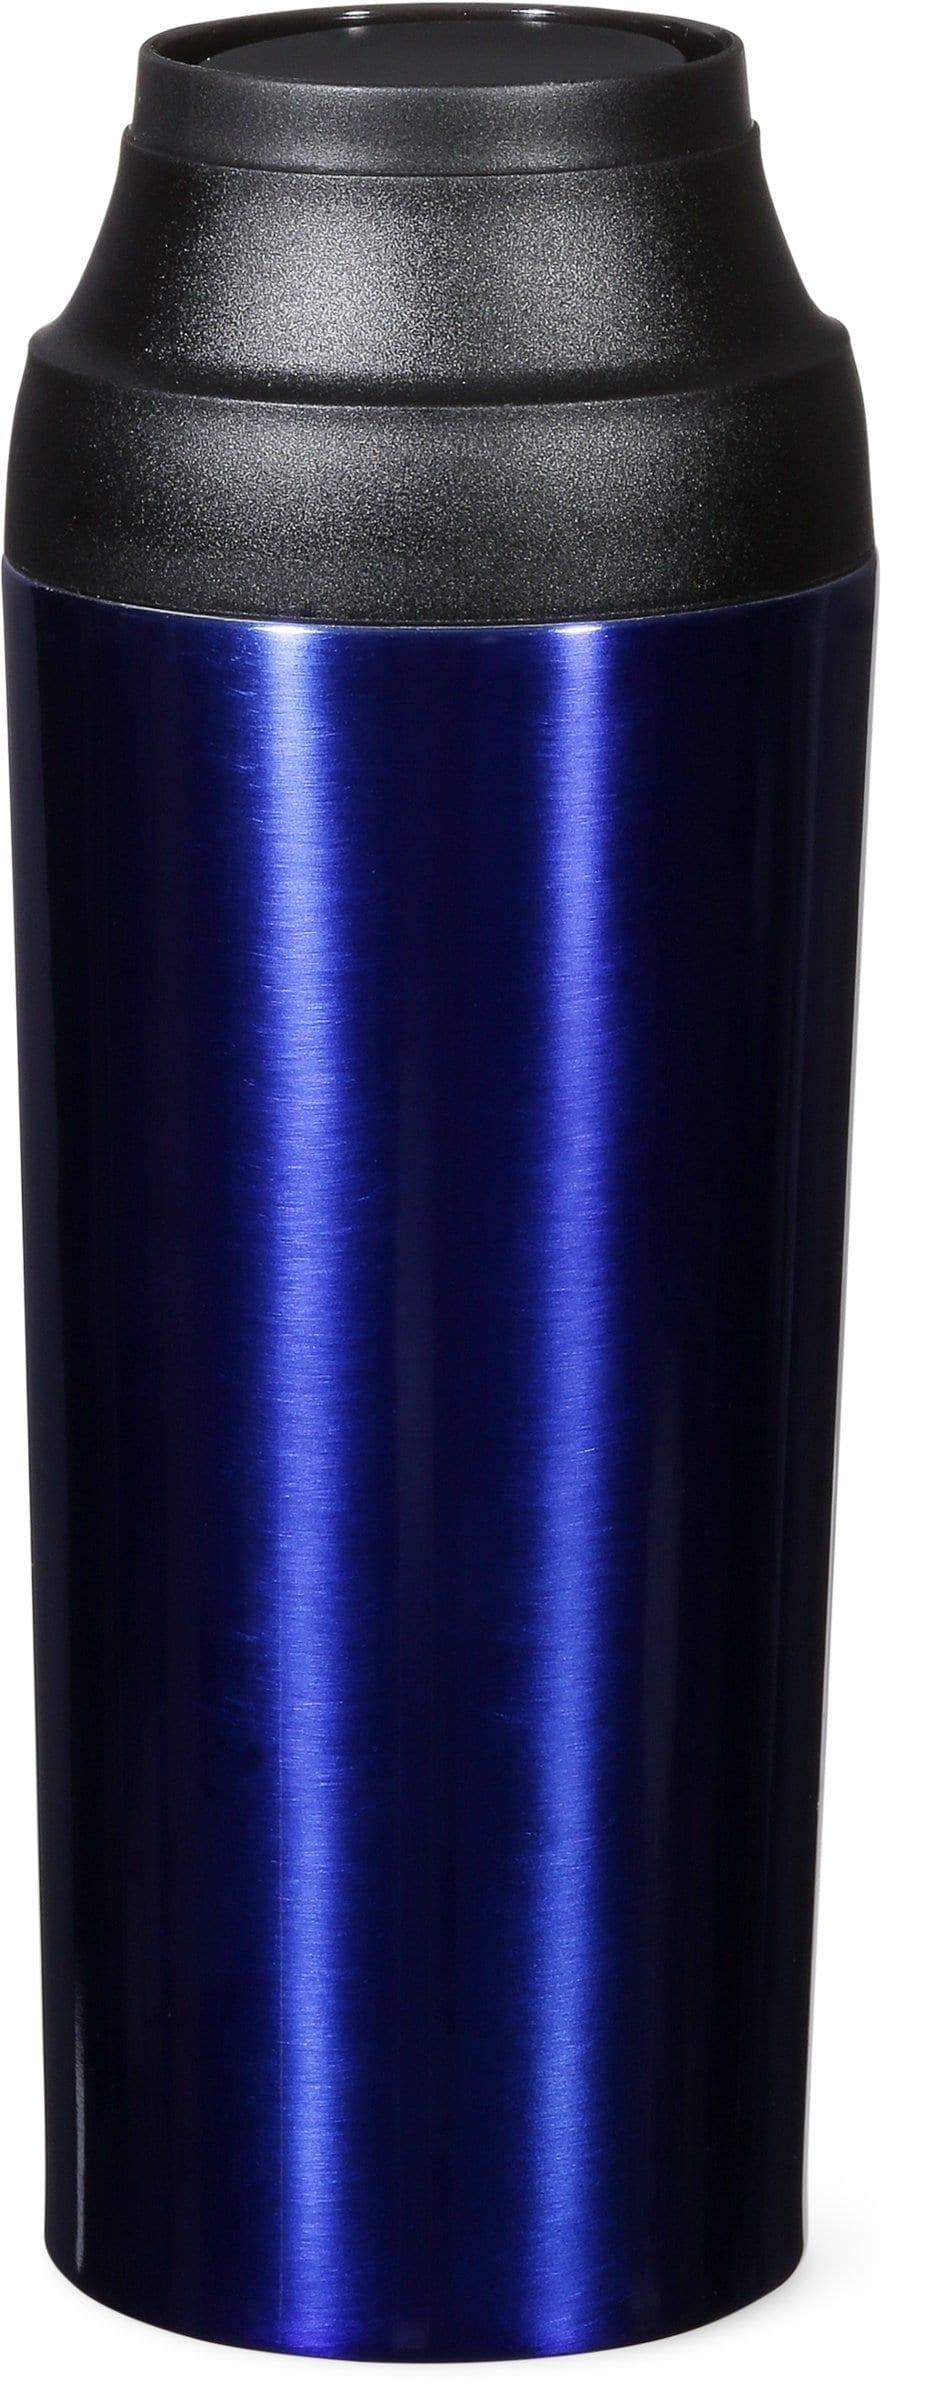 Isolierbecher 0.45L CUCINA & TAVOLA Blau